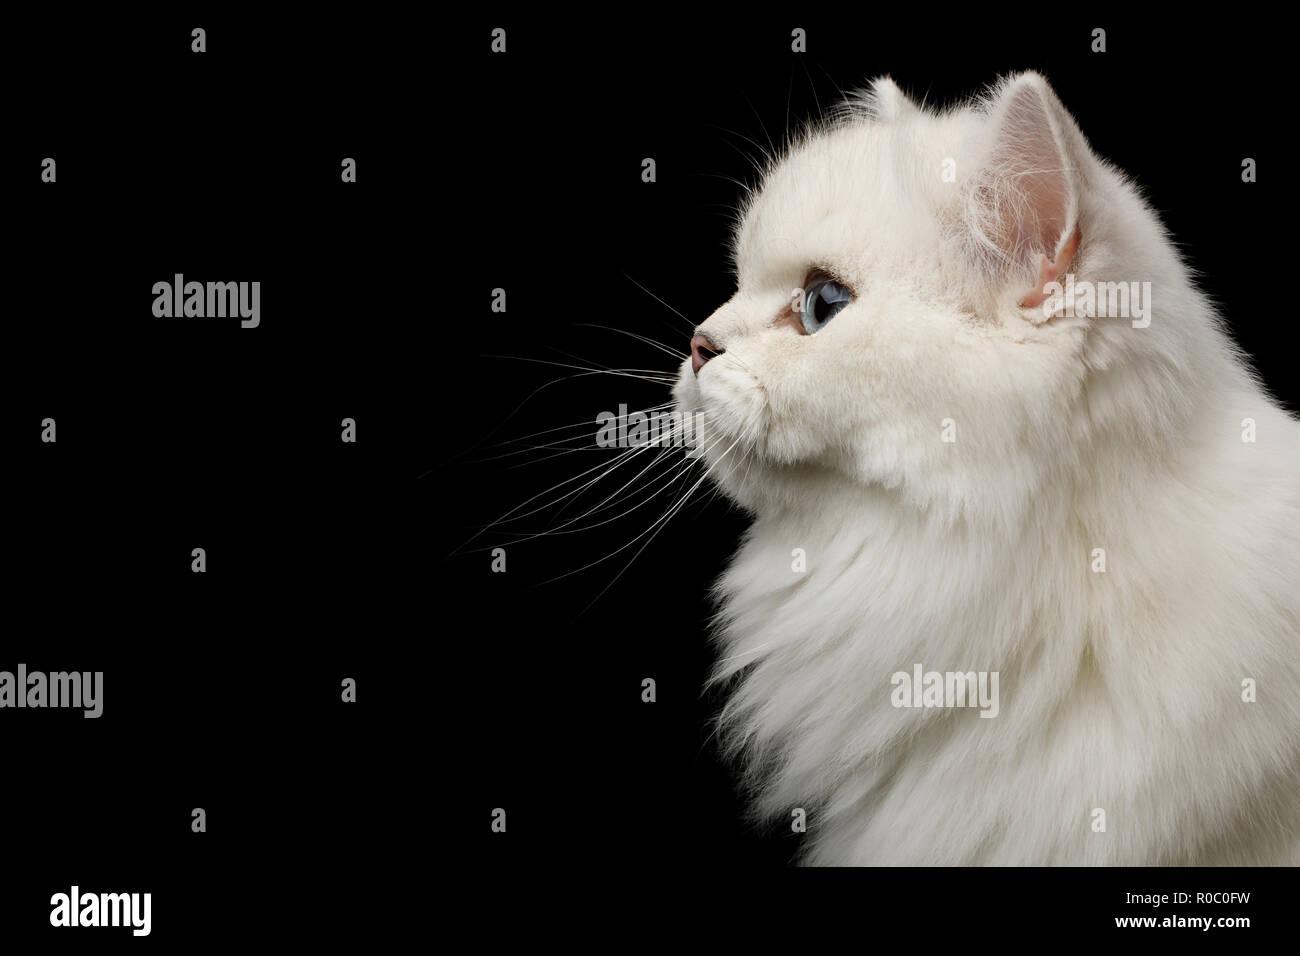 Retrato de raza británica Cat color blanco con ojos azules, mirada fija en el lateral sobre fondo negro, aislados en la vista de perfil Imagen De Stock